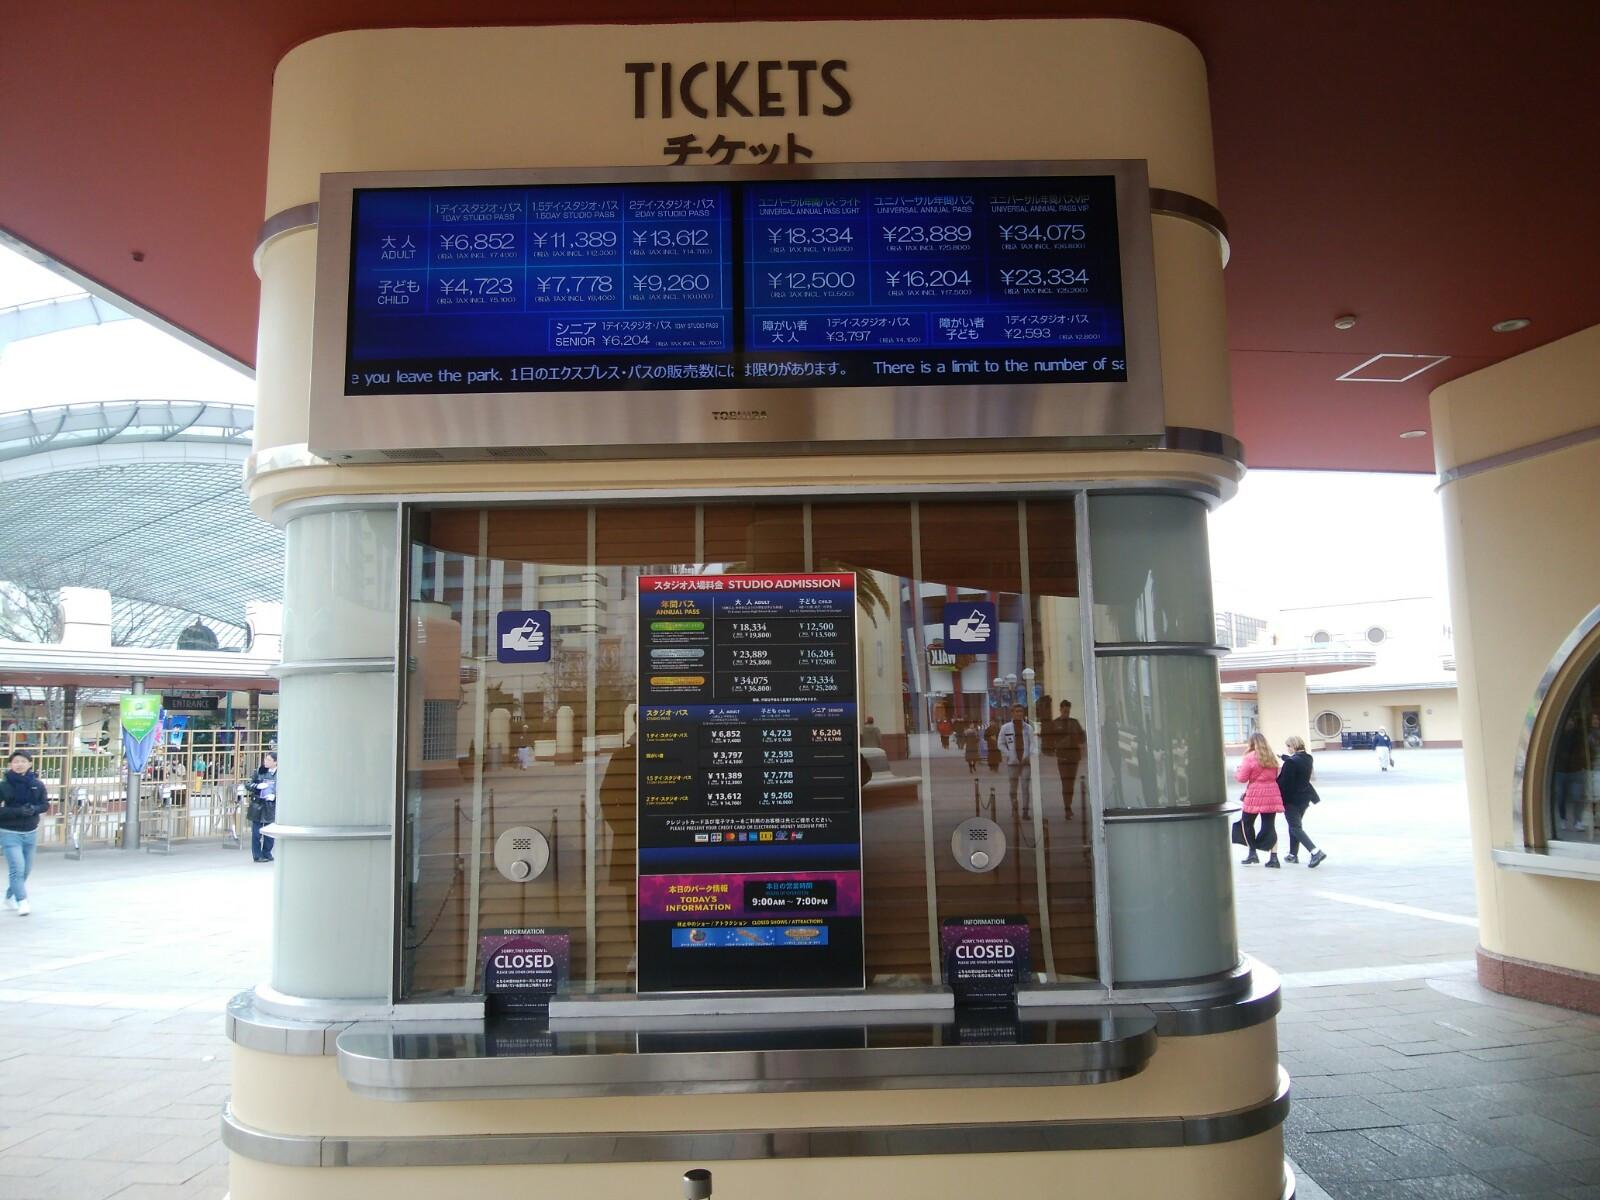 チケットブースで買えるチケットの種類は?